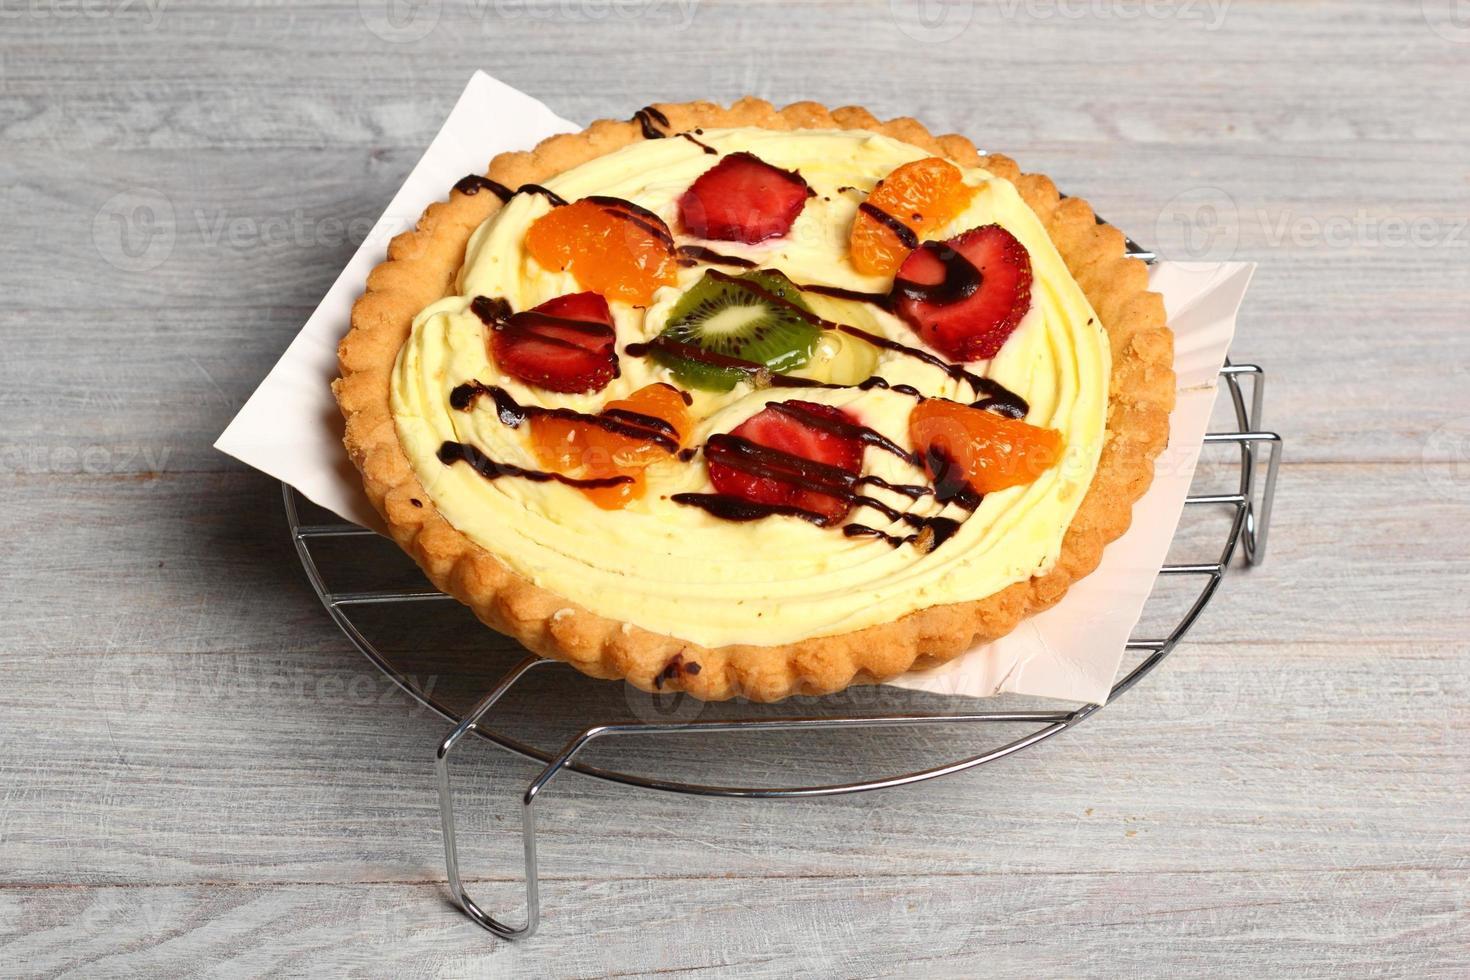 frukt tårta med bakverk grädde foto